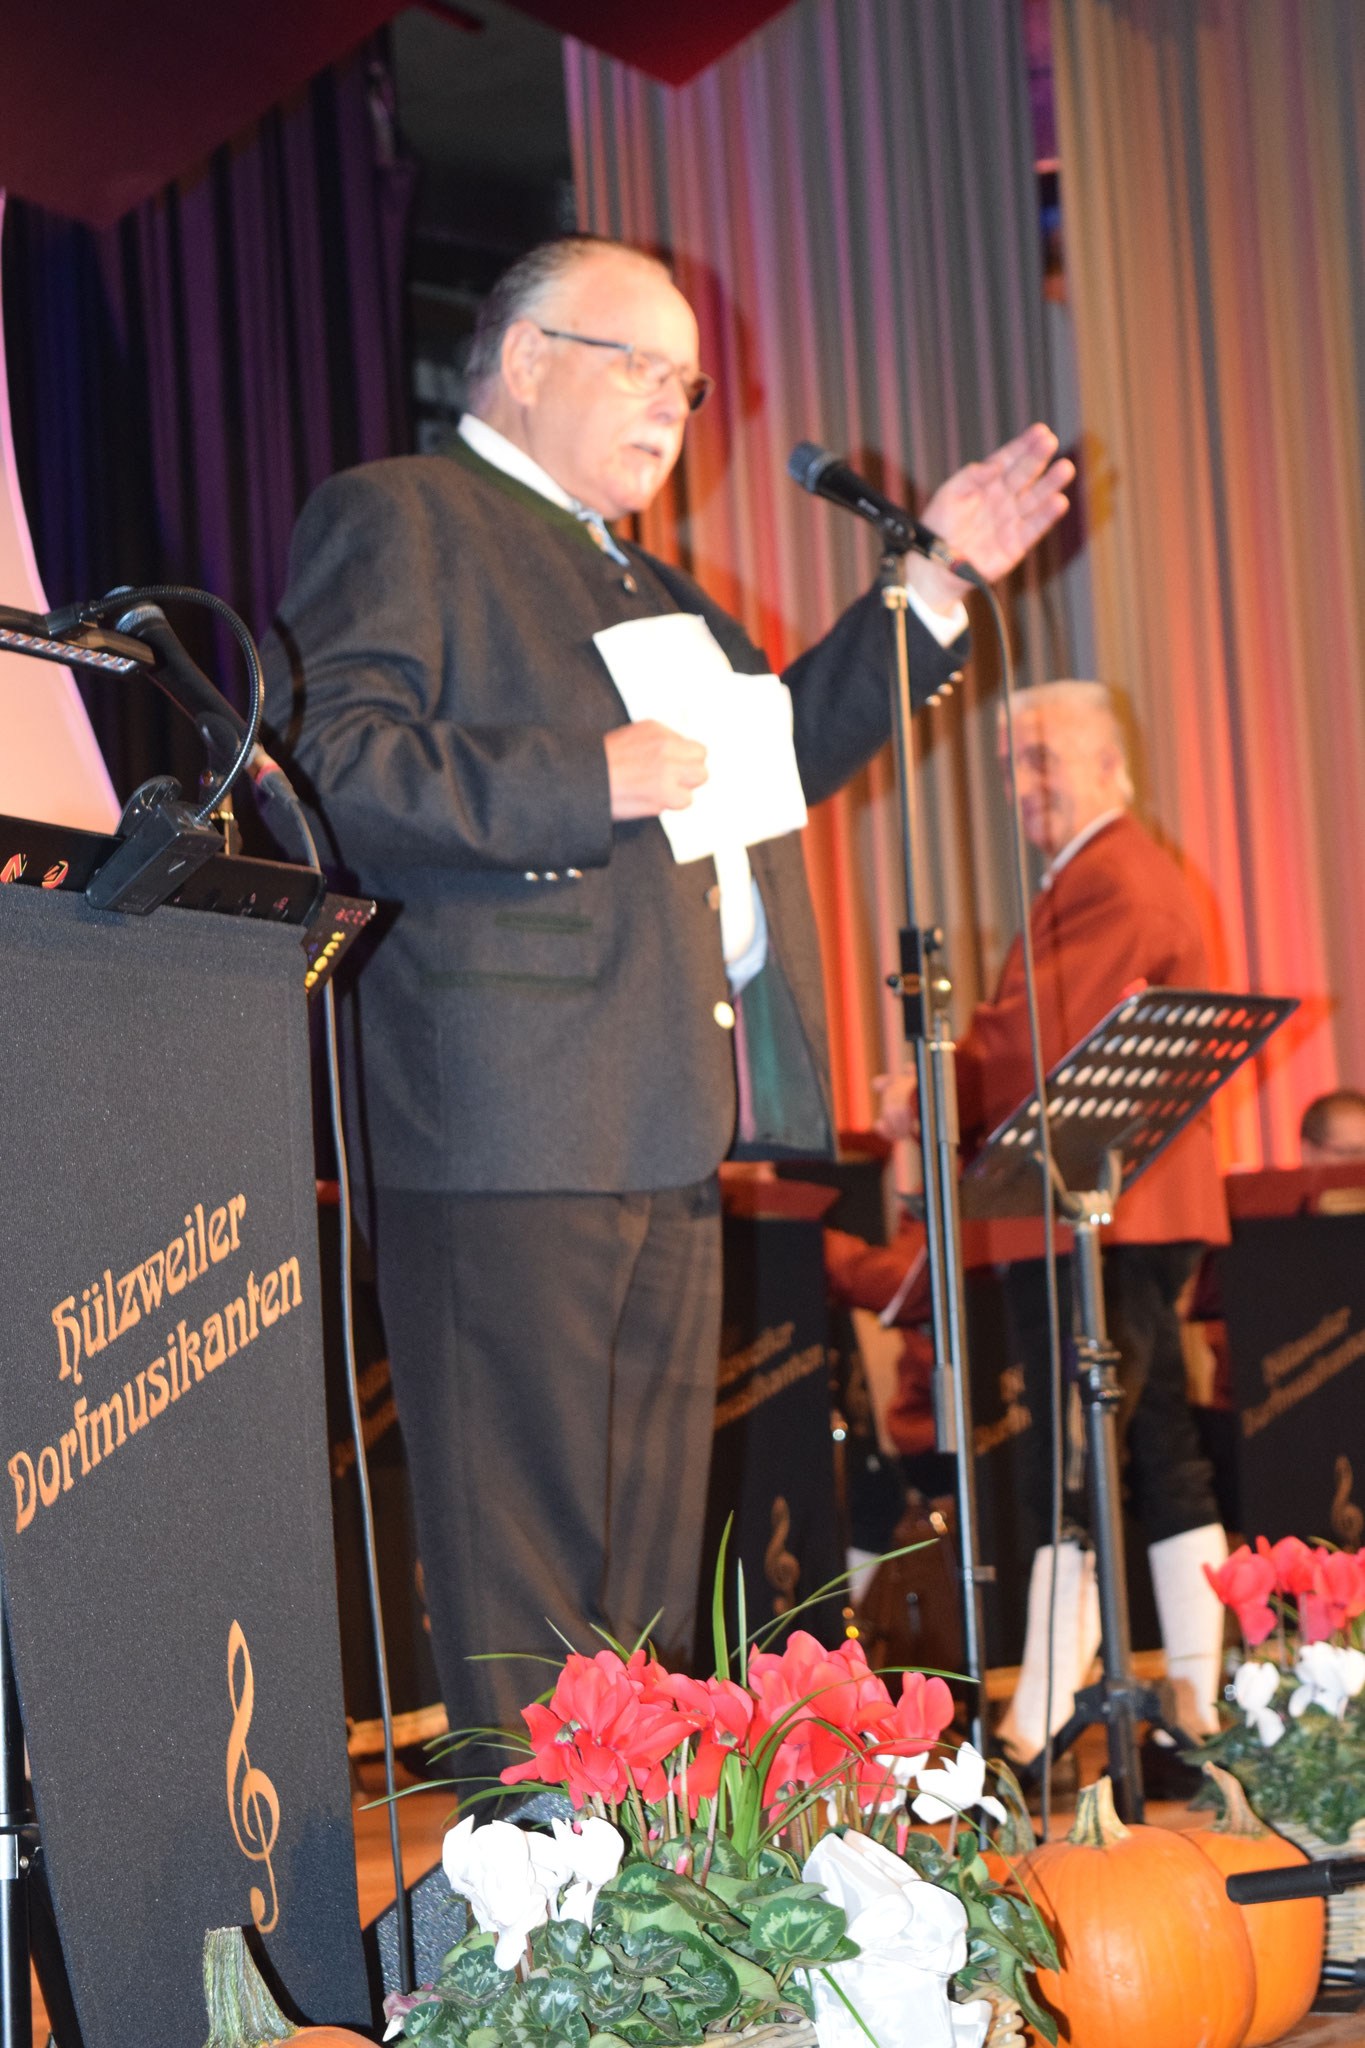 Unser Moderator Harald Lesch auch - der Bloosmusik Dazwischenschwätzer - genannt